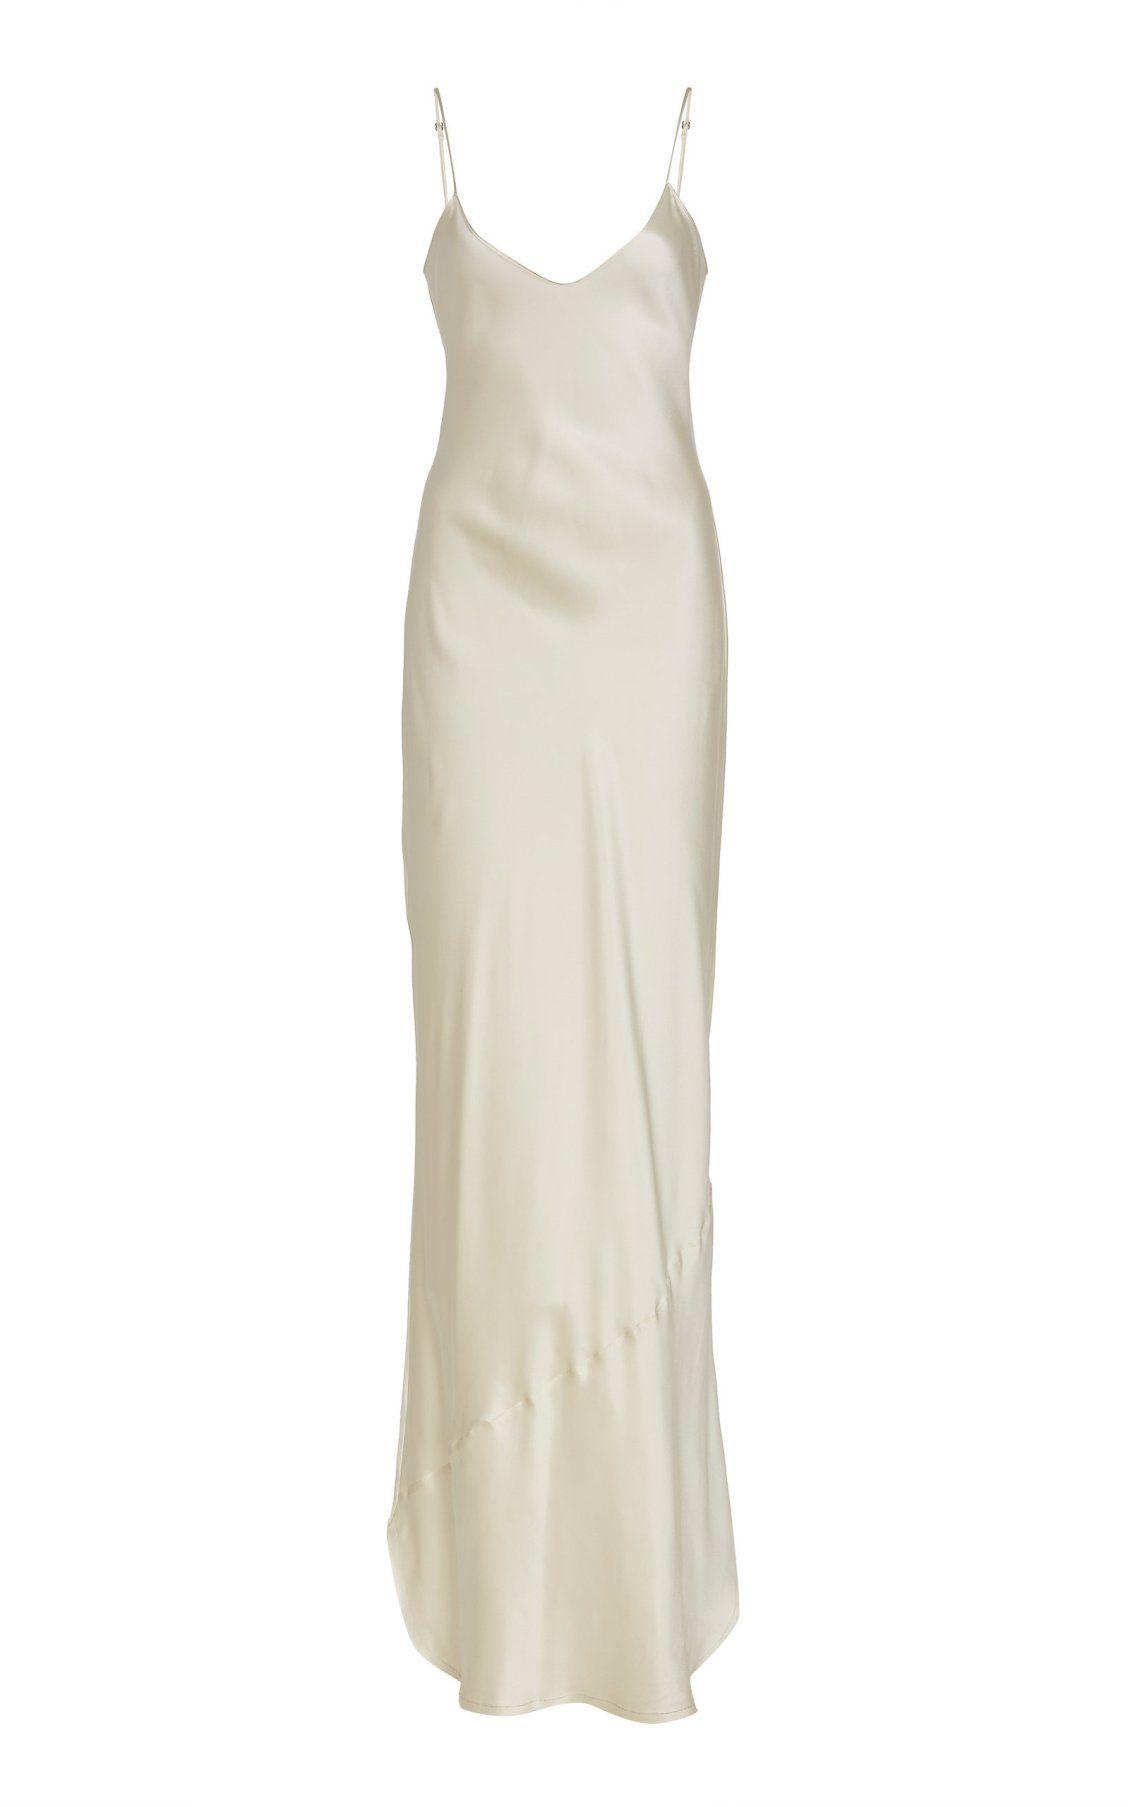 Cami Solid Silk Gown by NILI LOTAN PF19 | Moda Operandi